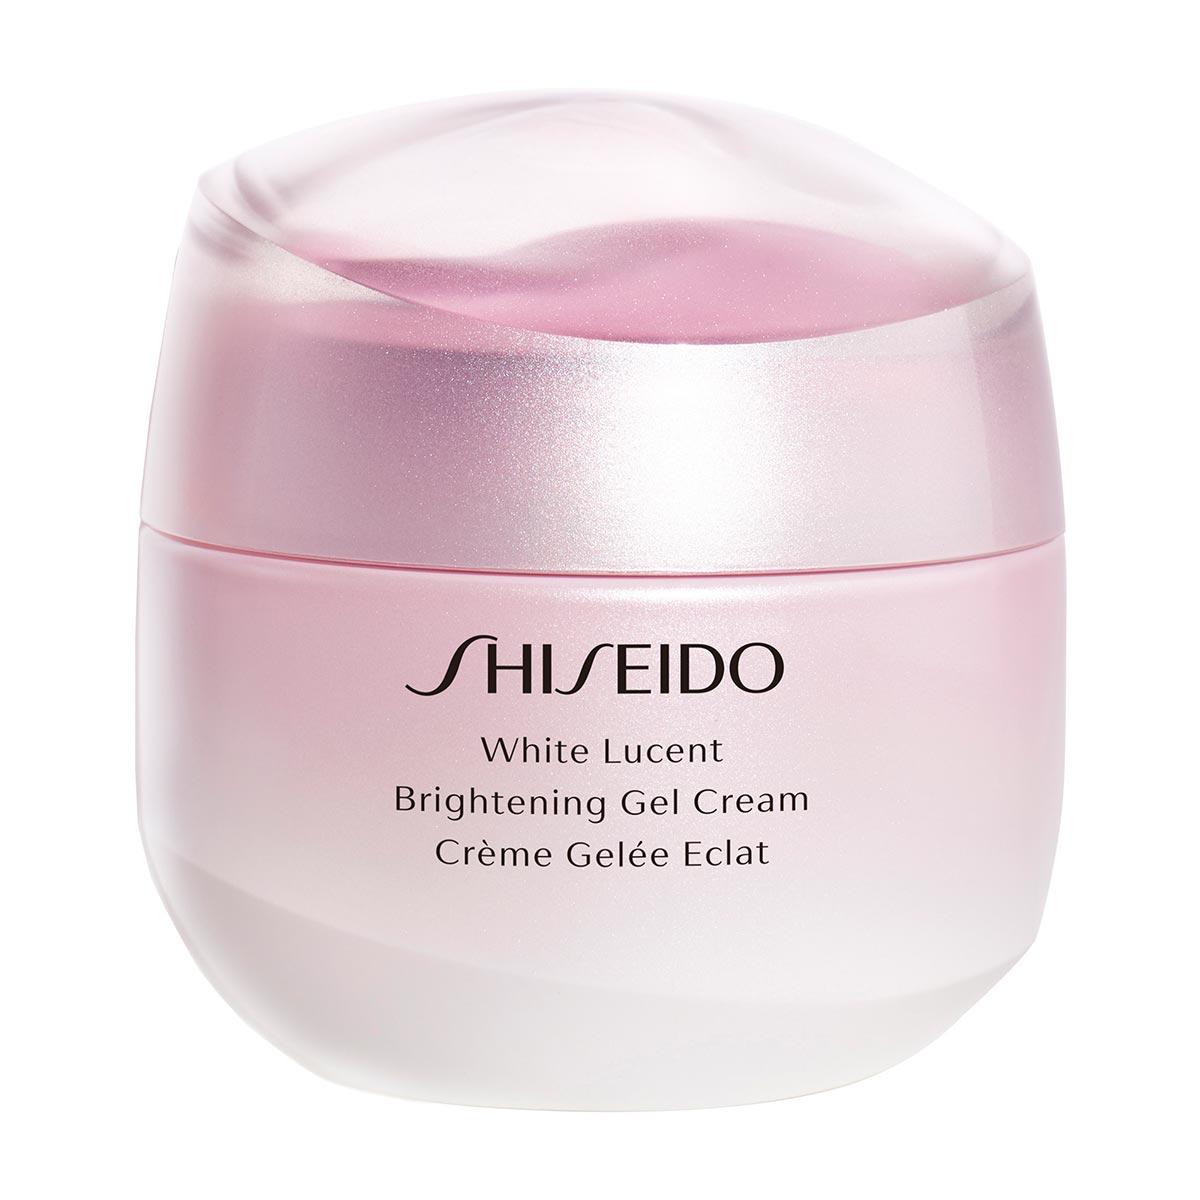 White Lucent Crème Gelée Éclat - Shiseido